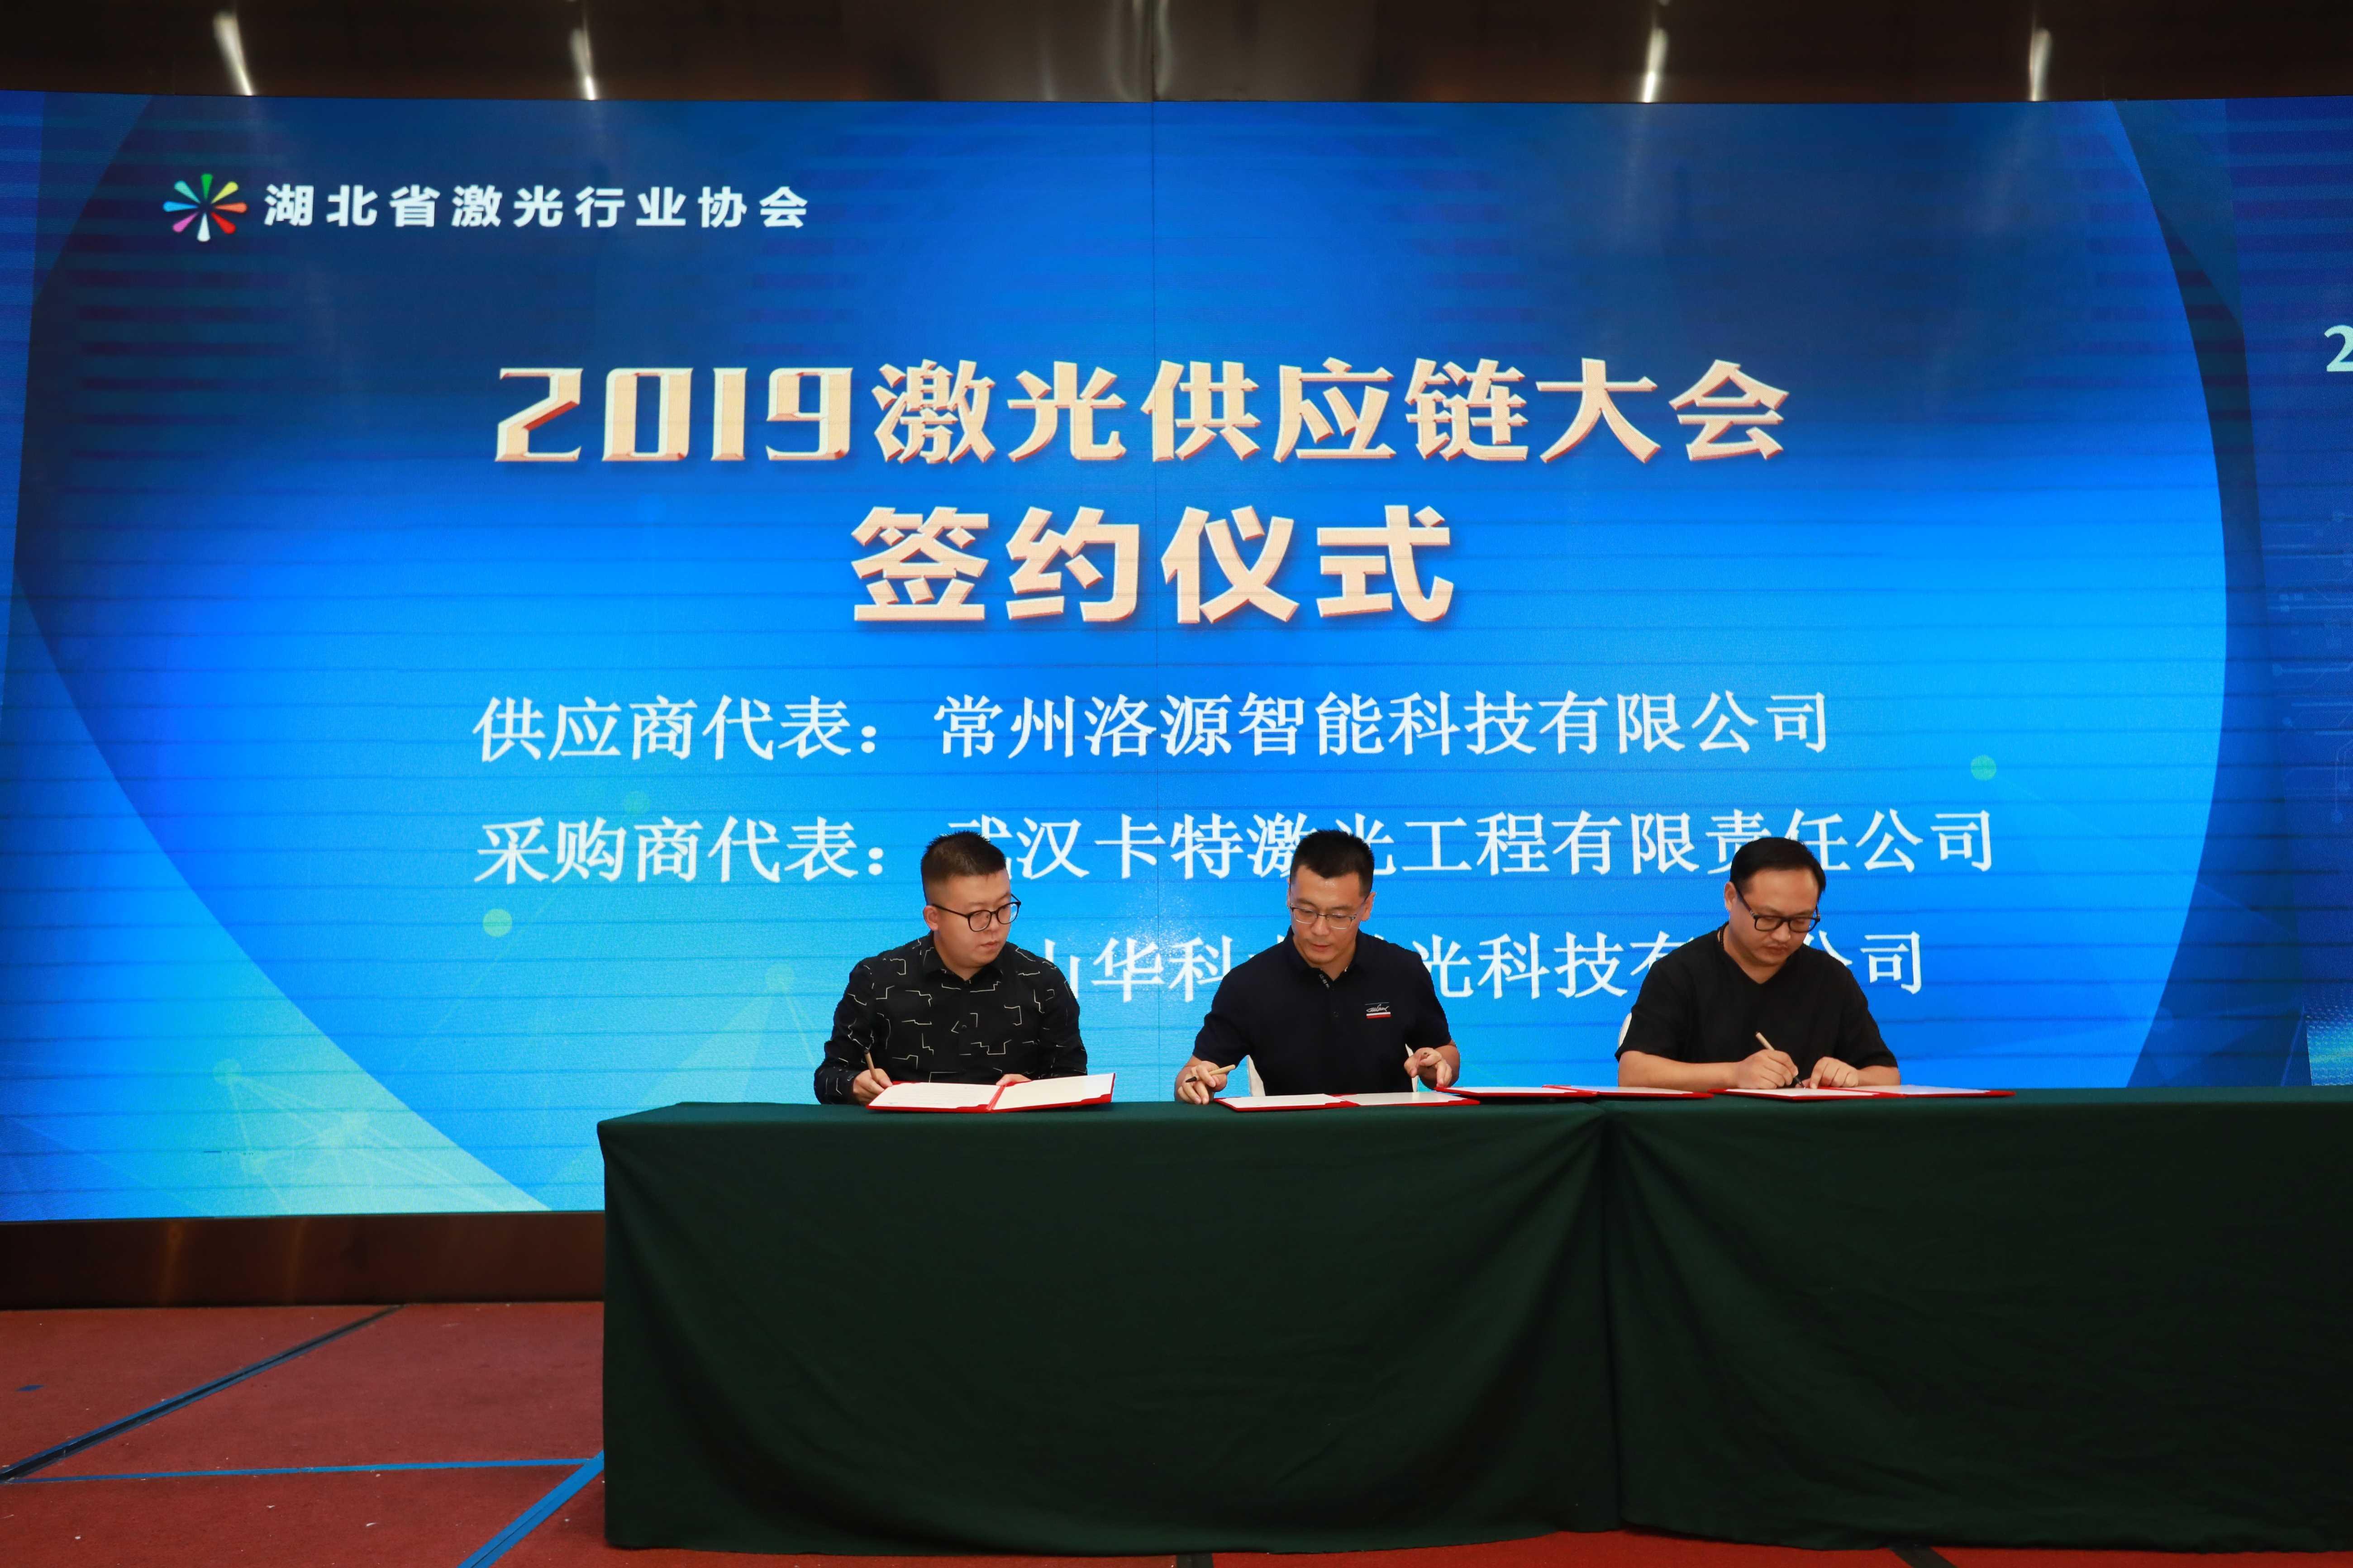 2019激光供应链大会新闻照片-签约11